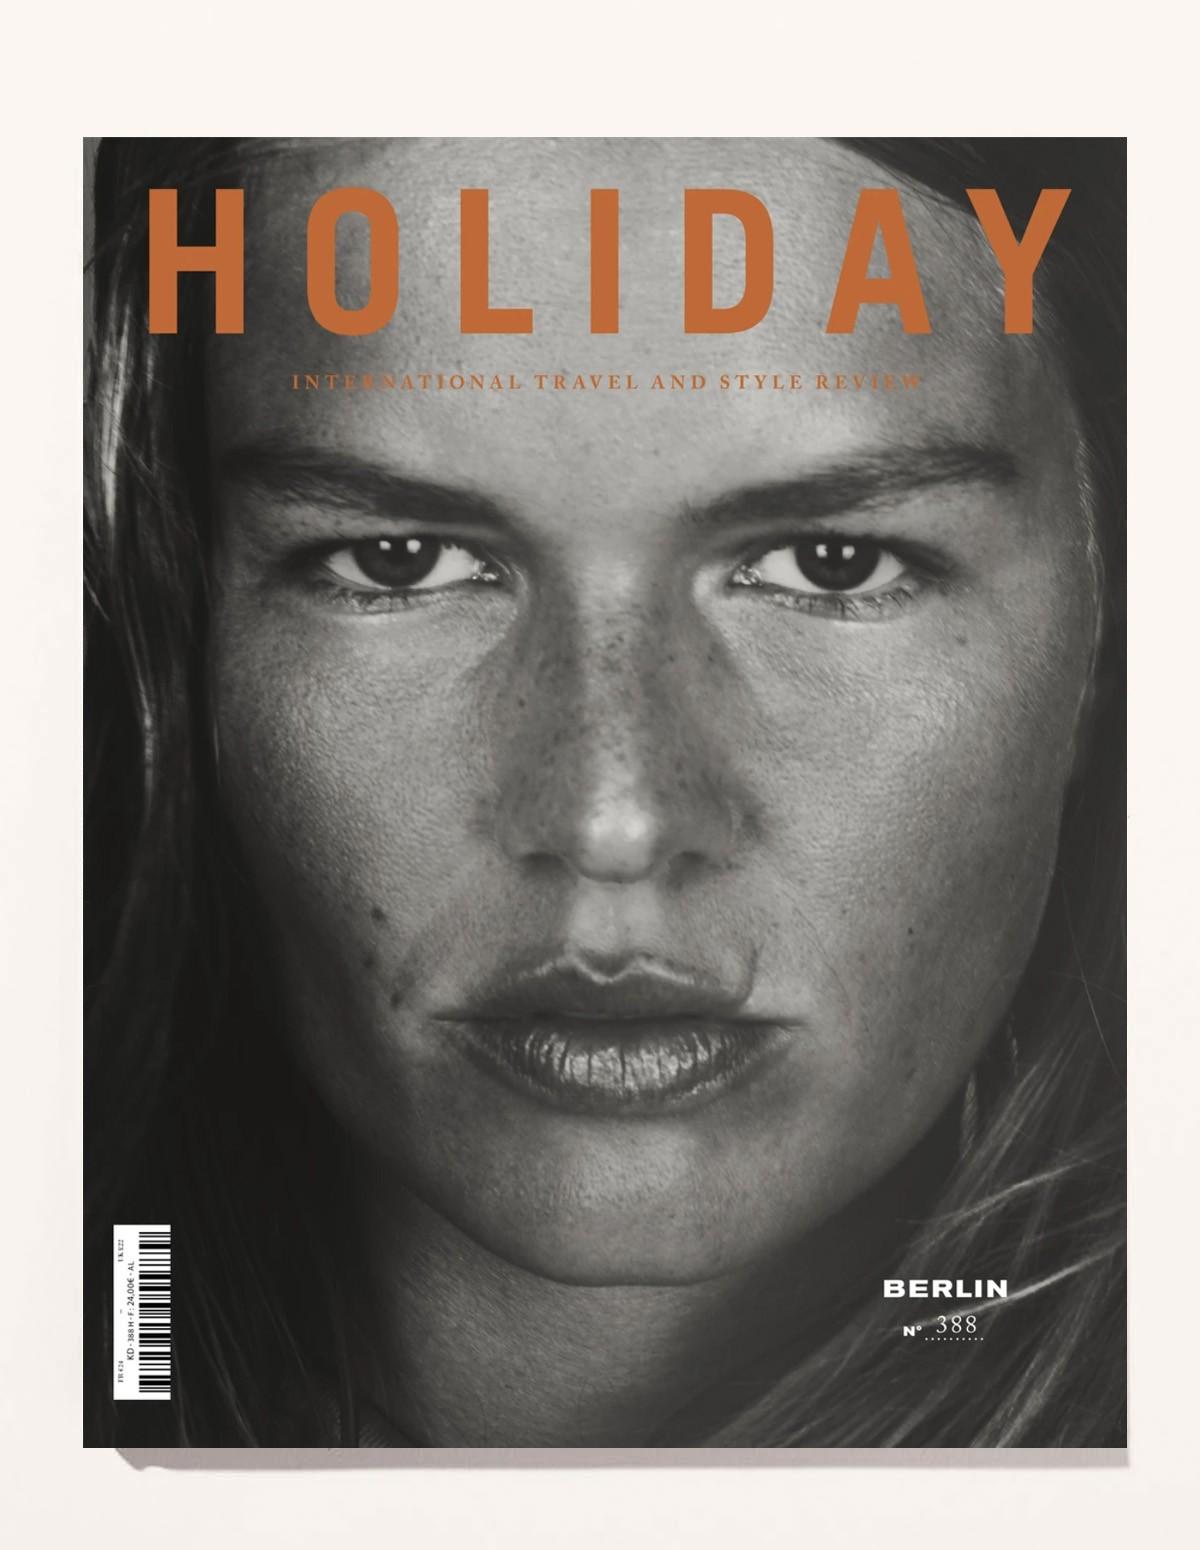 Holiday Magazine 388